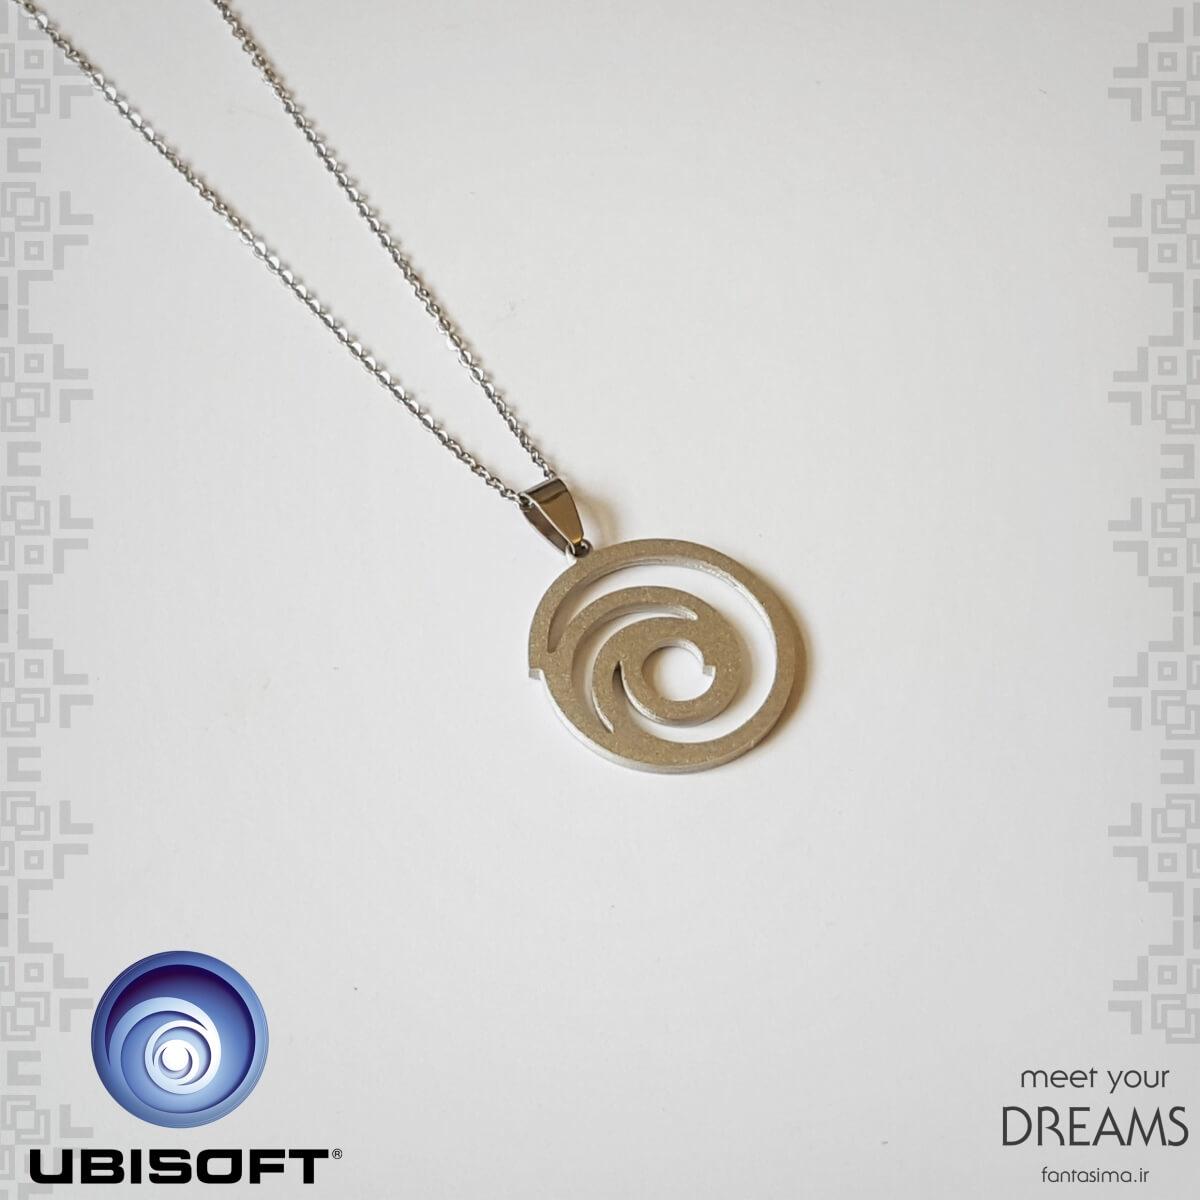 گردنبند استیل نماد یوبی سافت  - مات